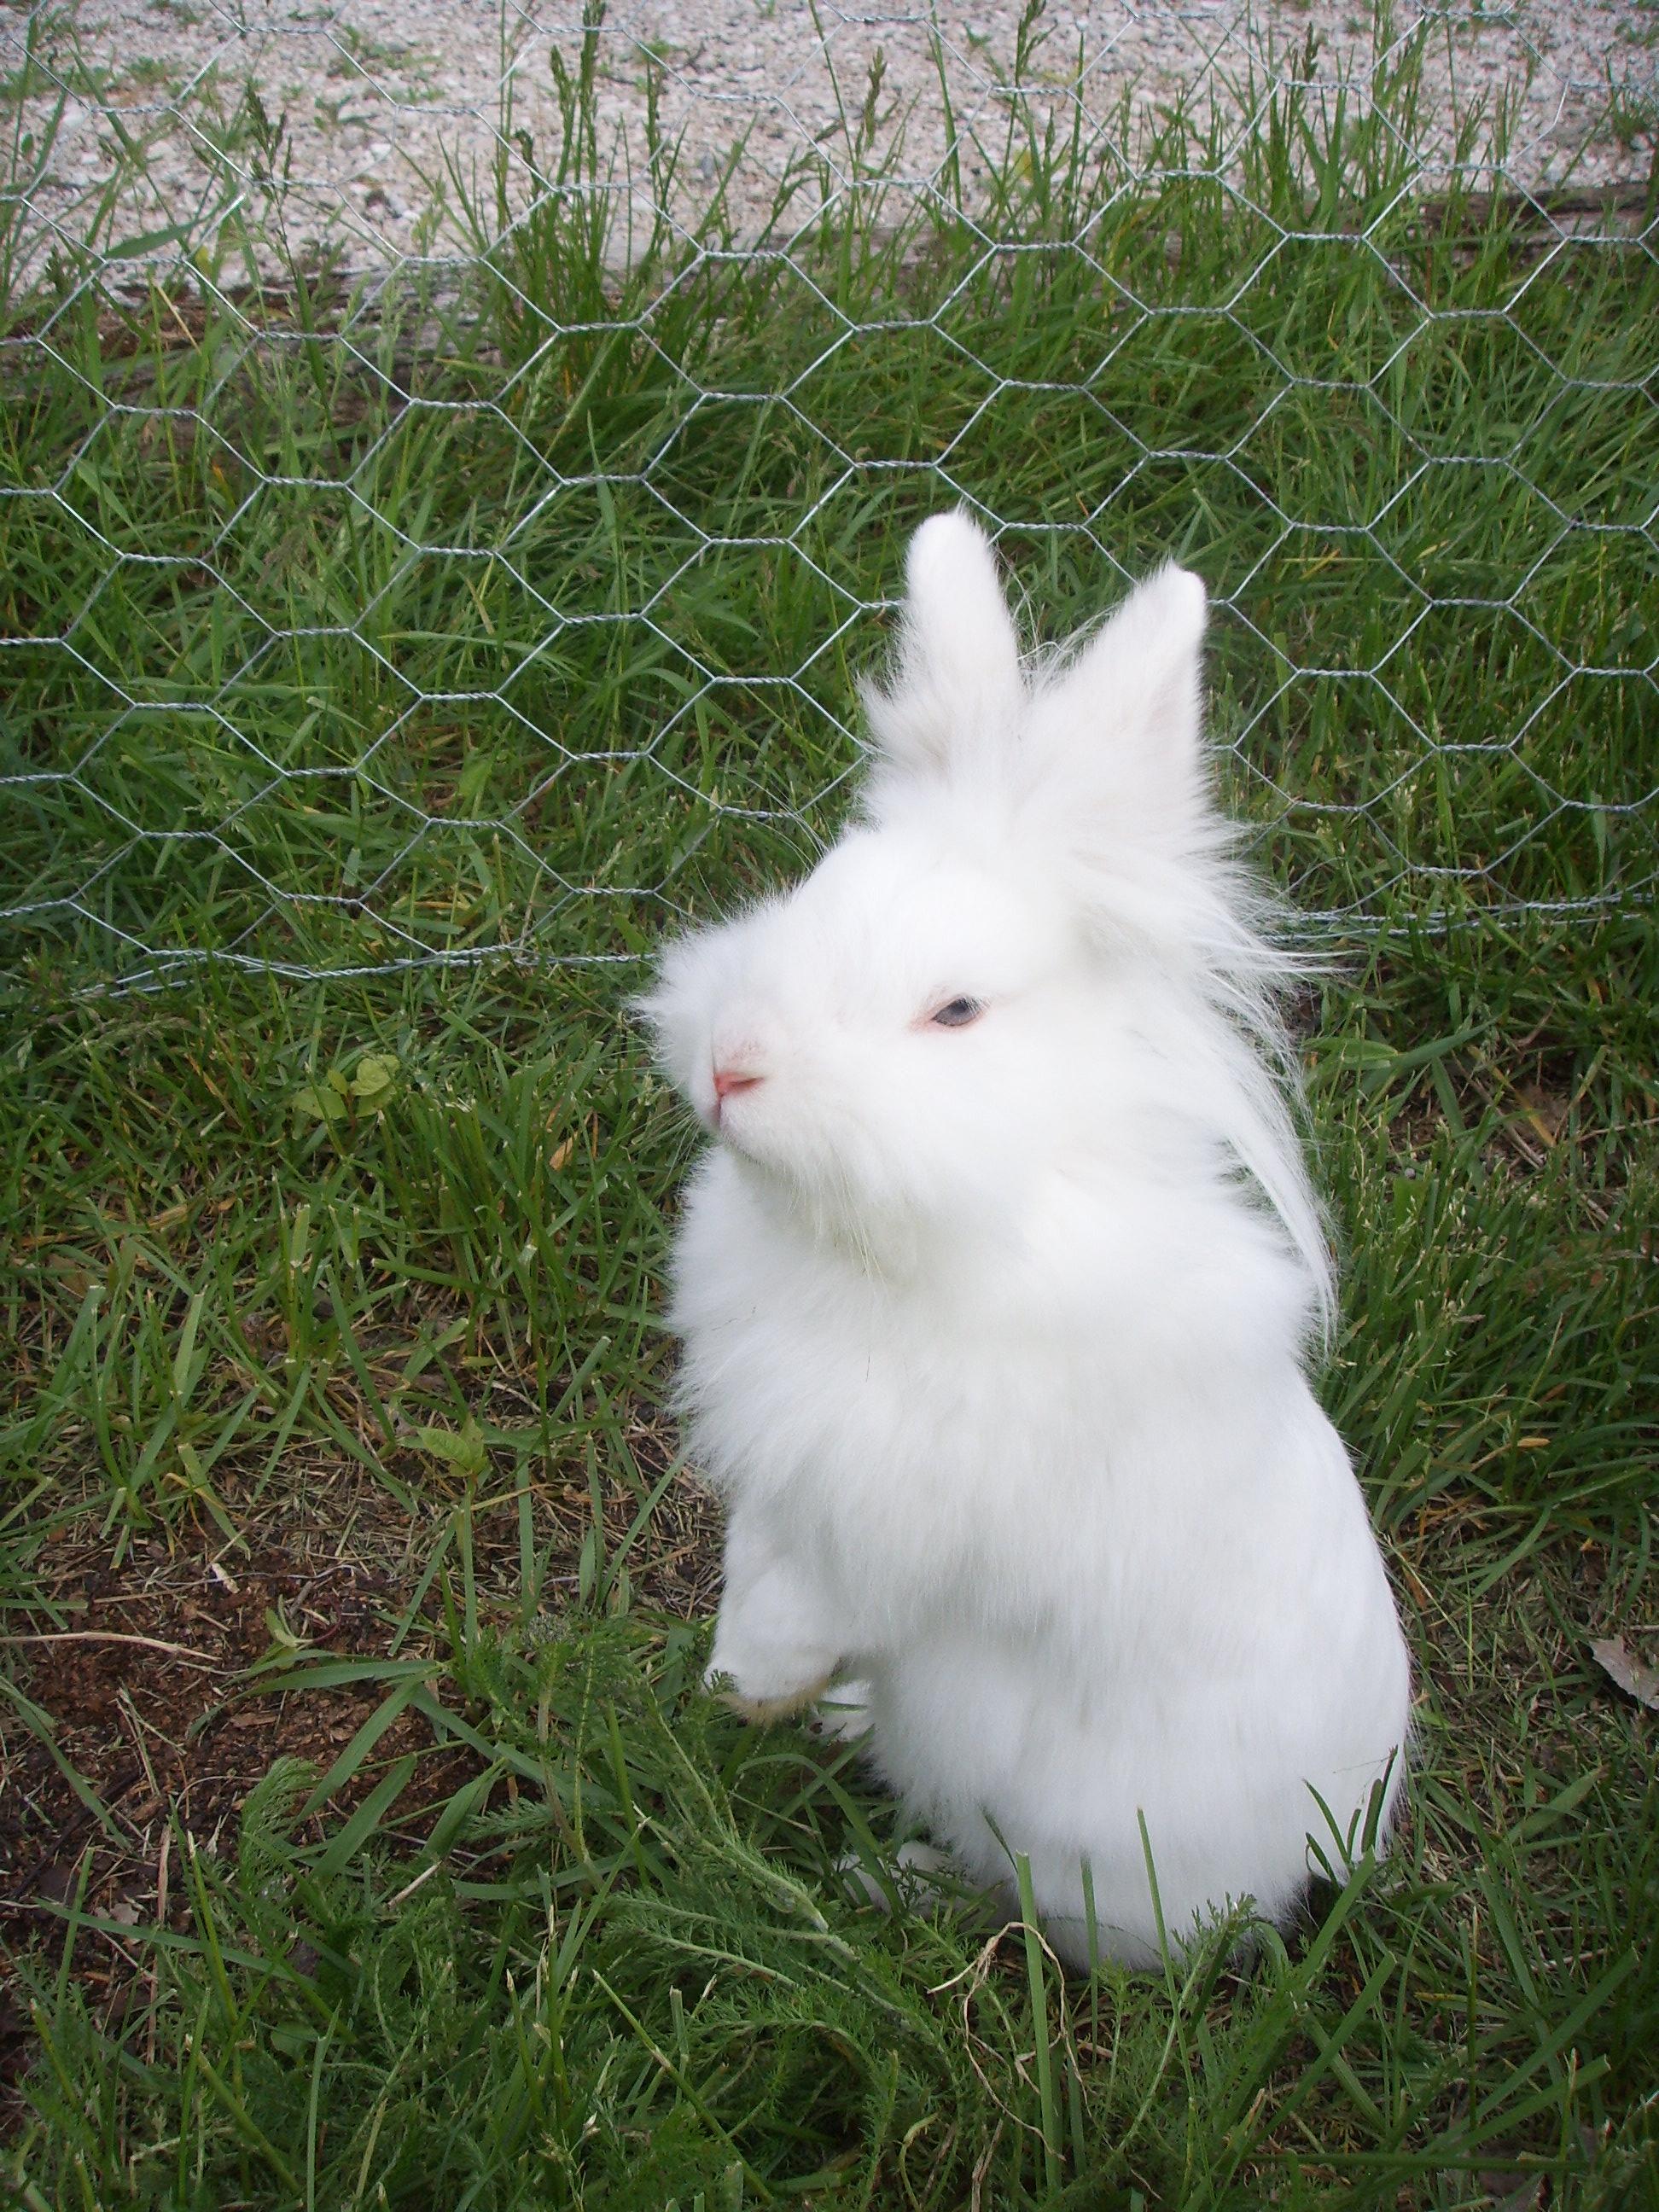 Pissed off rabbit